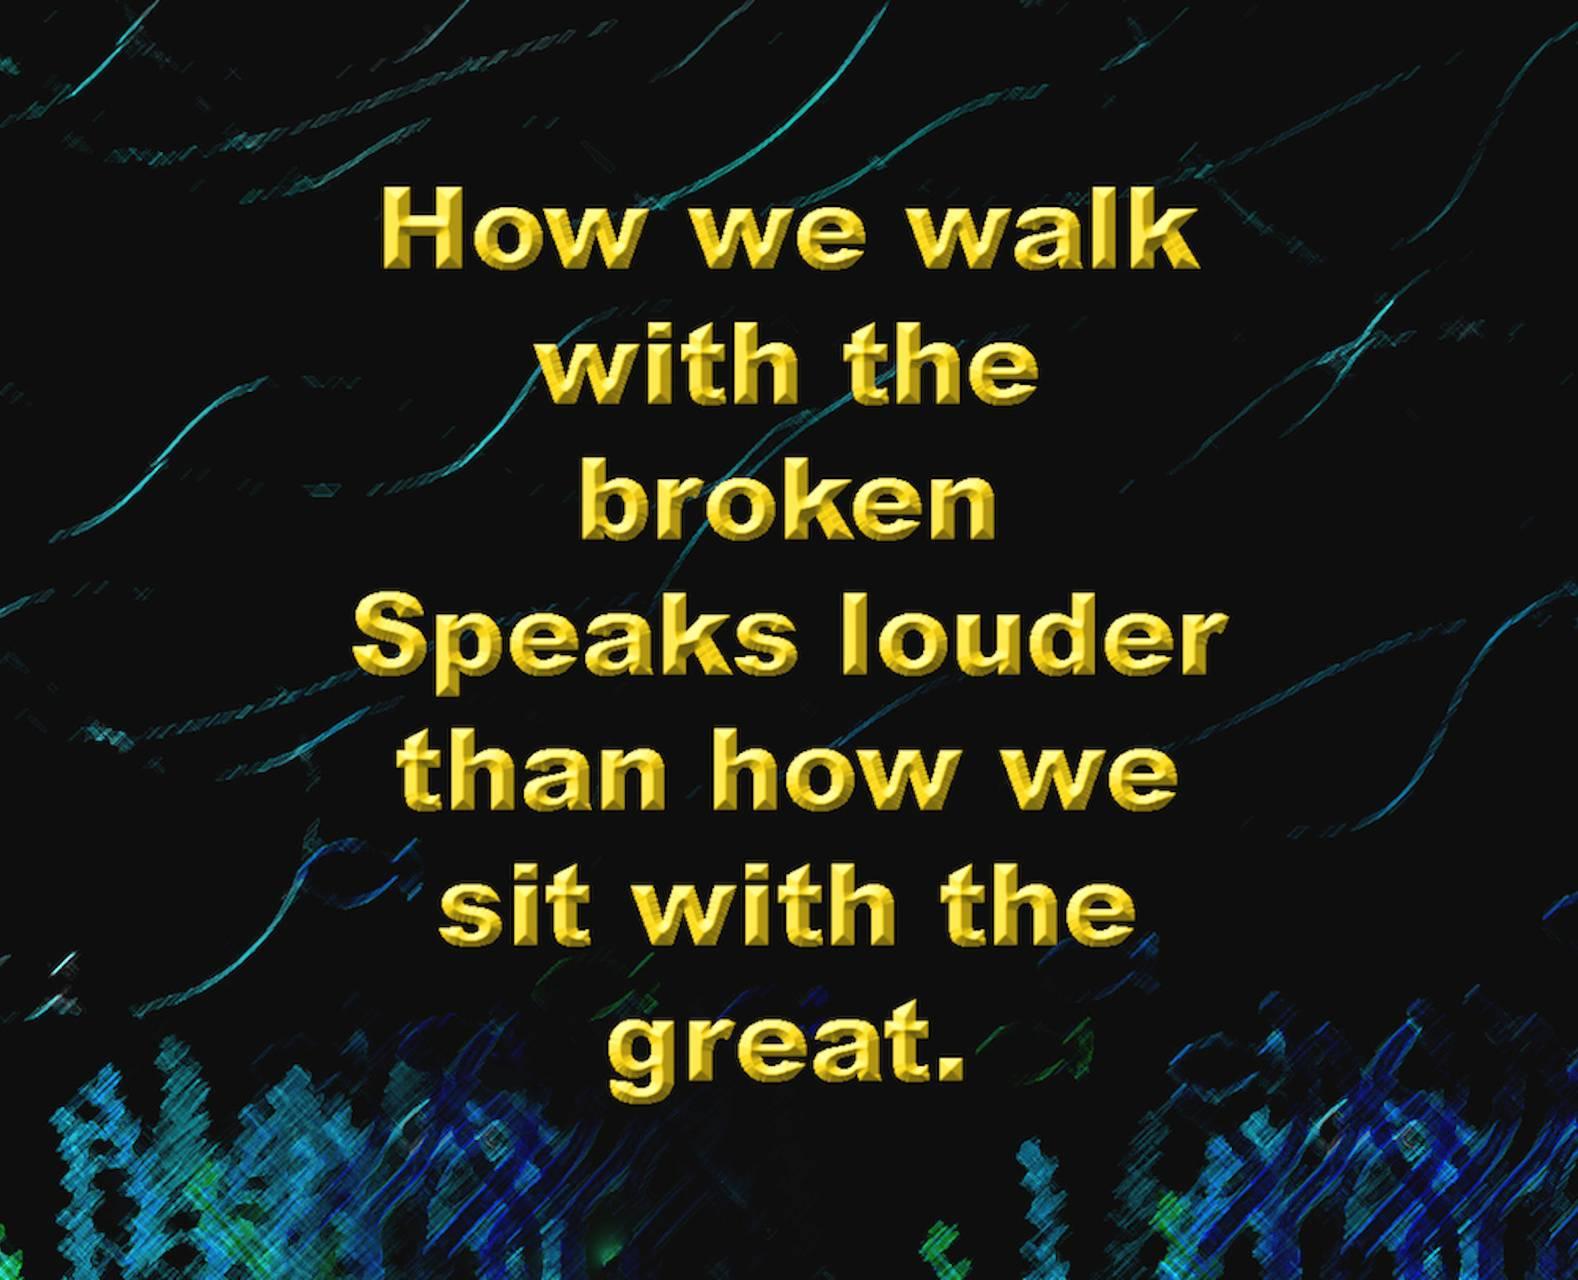 Walk With the Broken